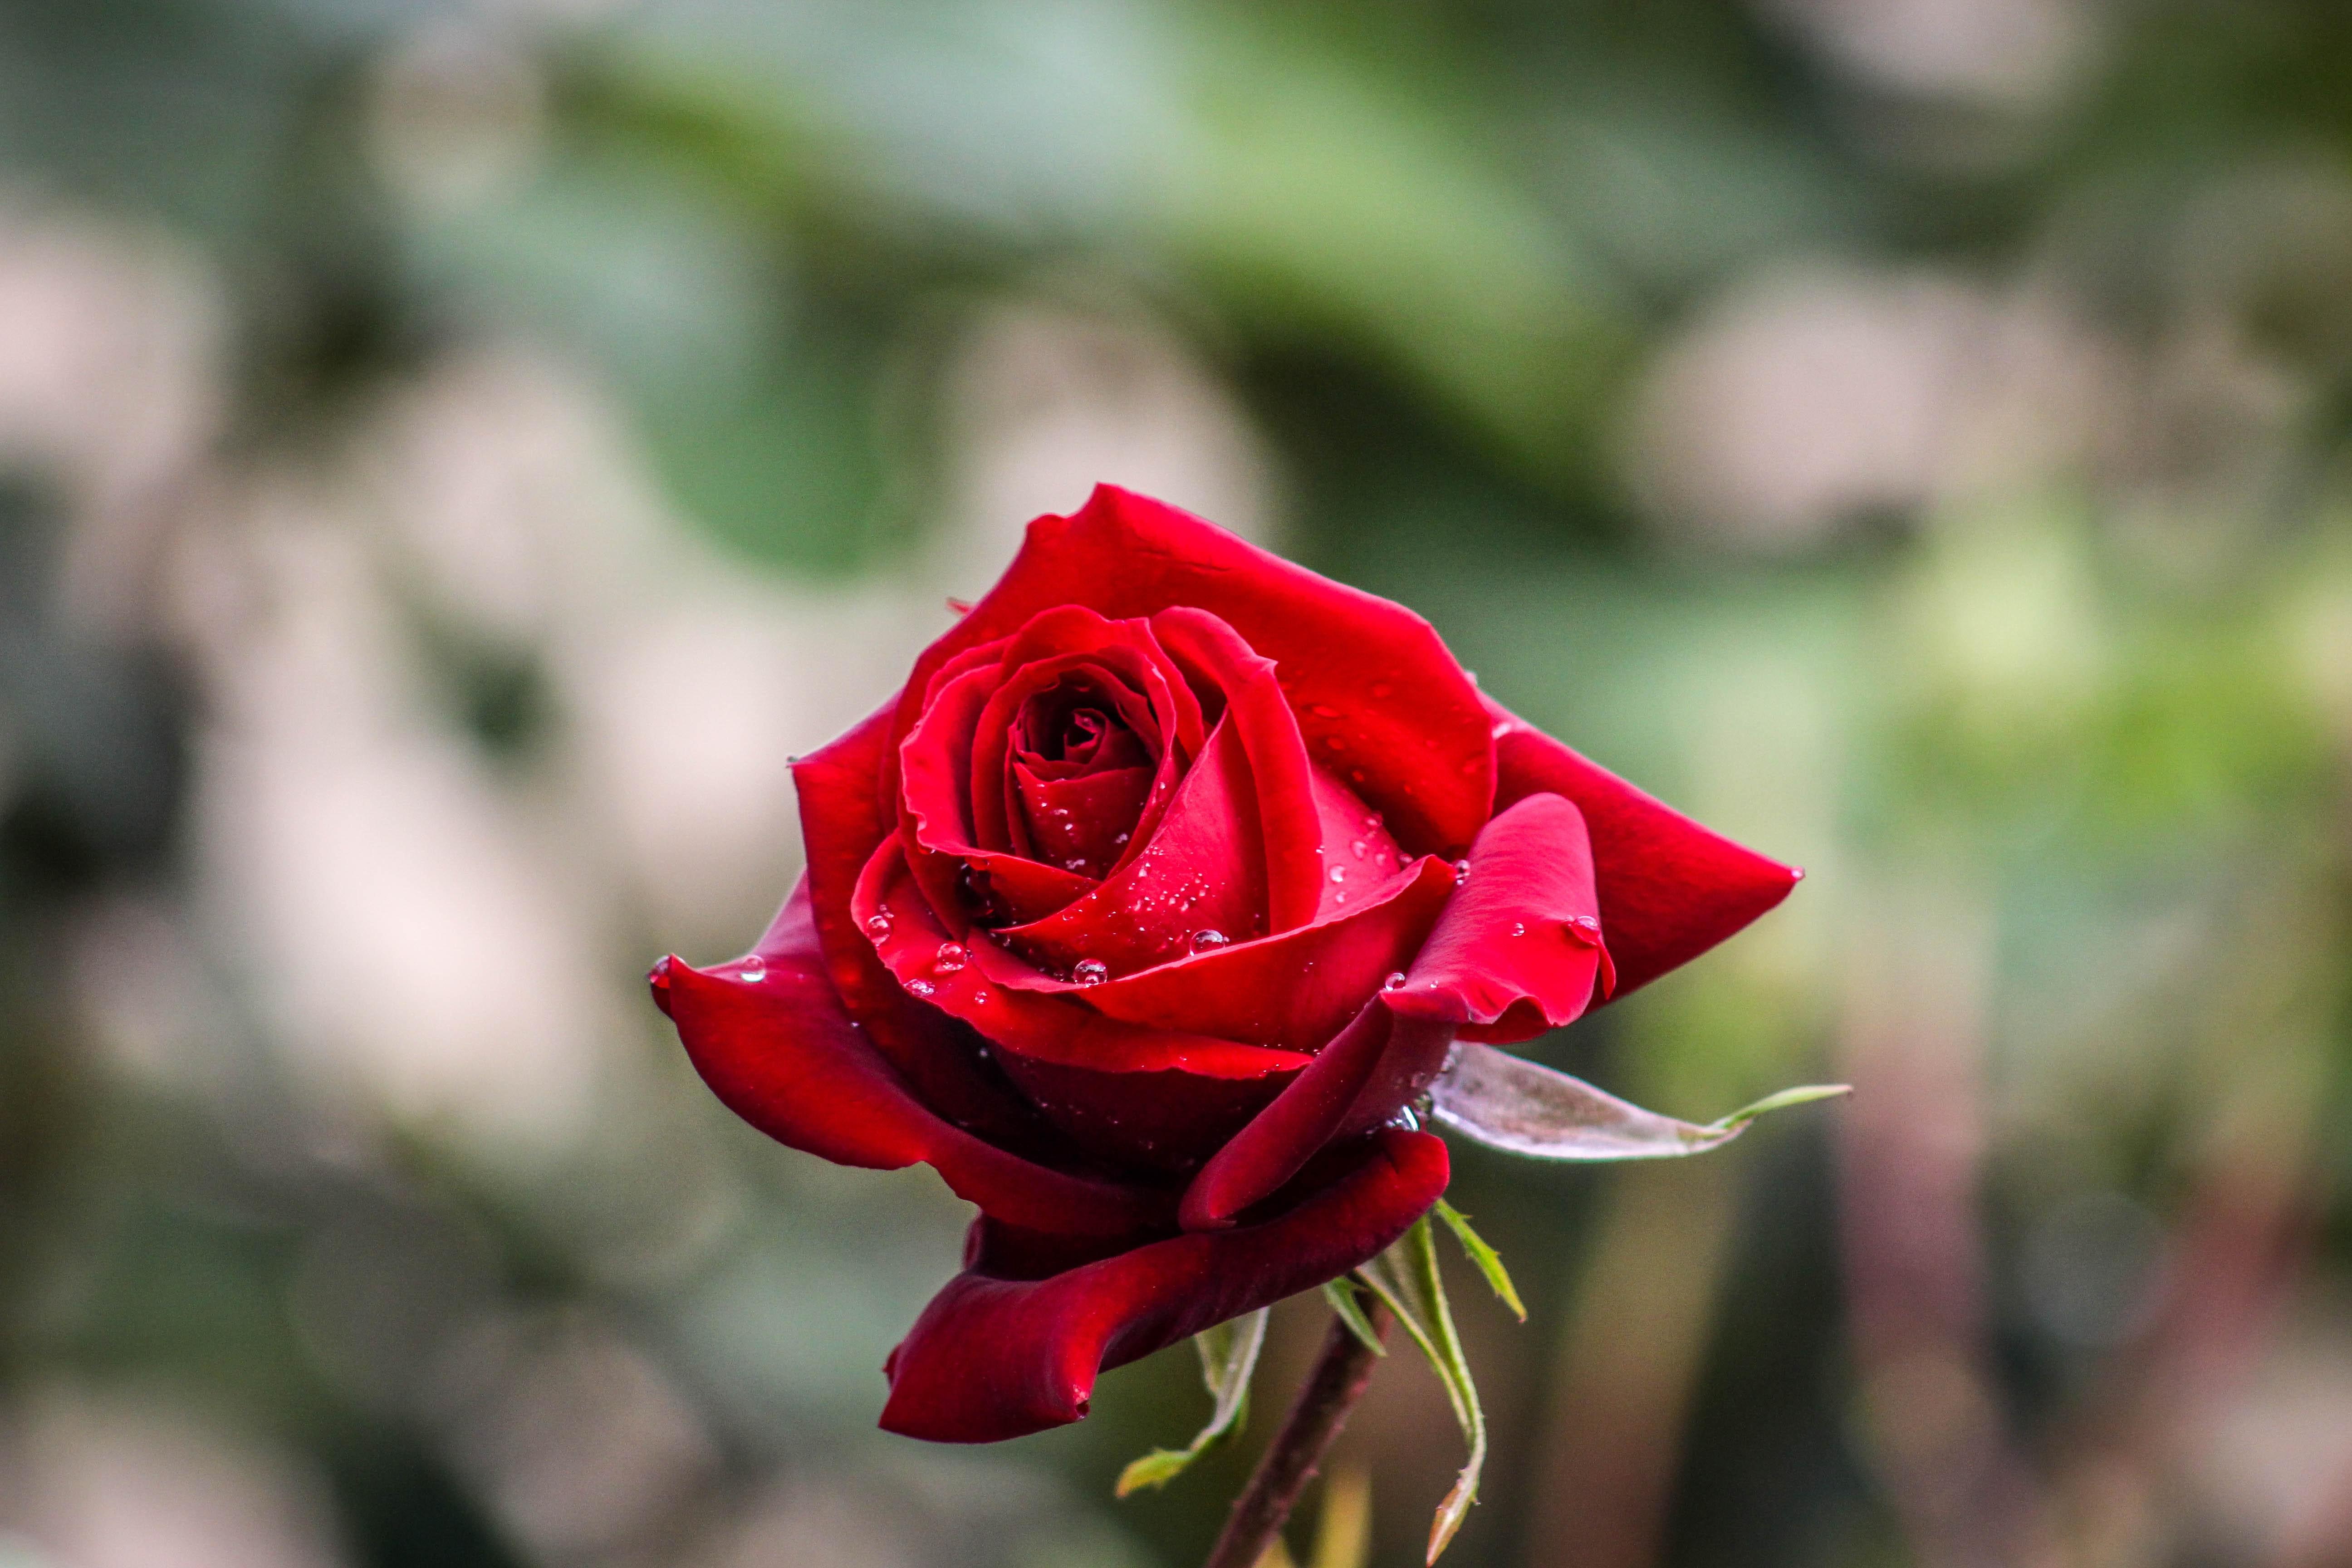 1000 Beautiful Red Rose Photos Pexels Free Stock Photos